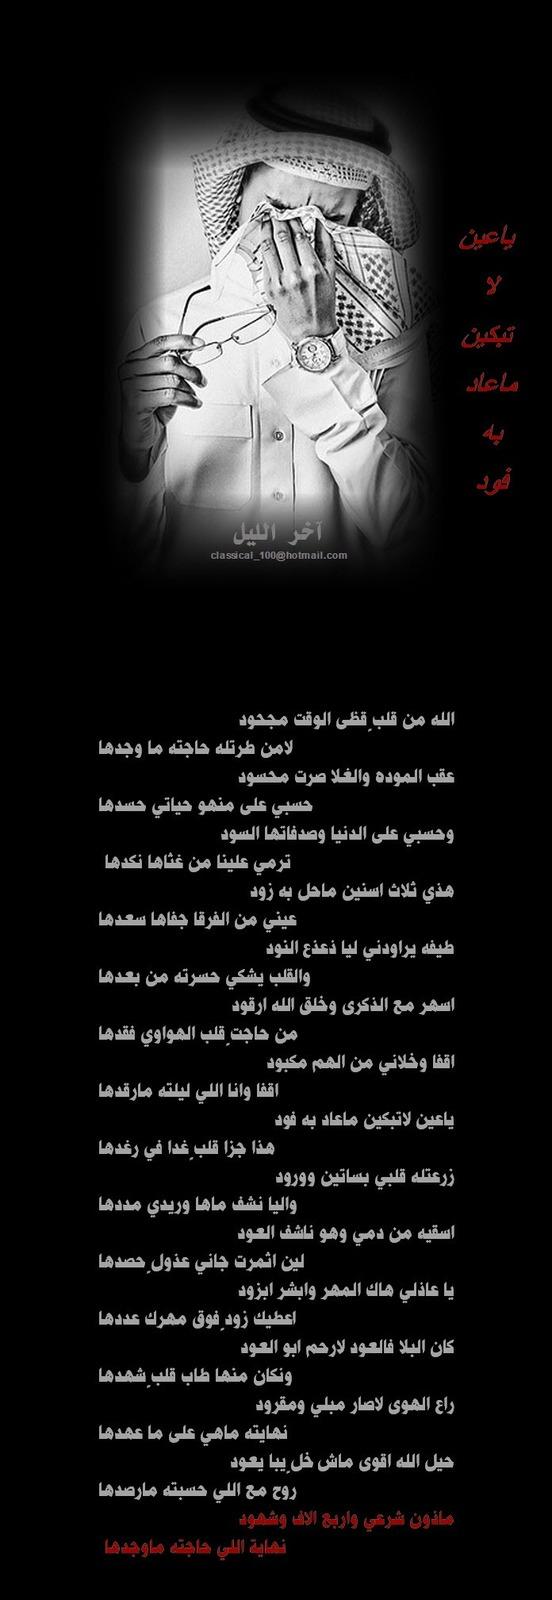 مجموعة صور لل بيت شعر مدح قصيره